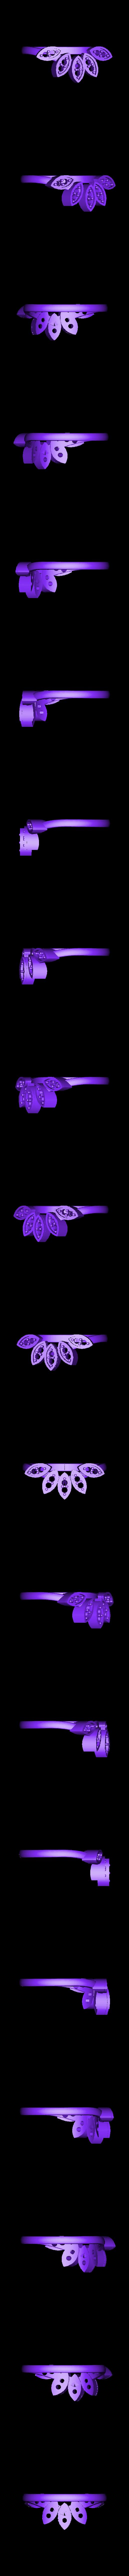 OBJ1.obj Télécharger fichier OBJ gratuit Bague Marquise • Plan à imprimer en 3D, Khatri3D